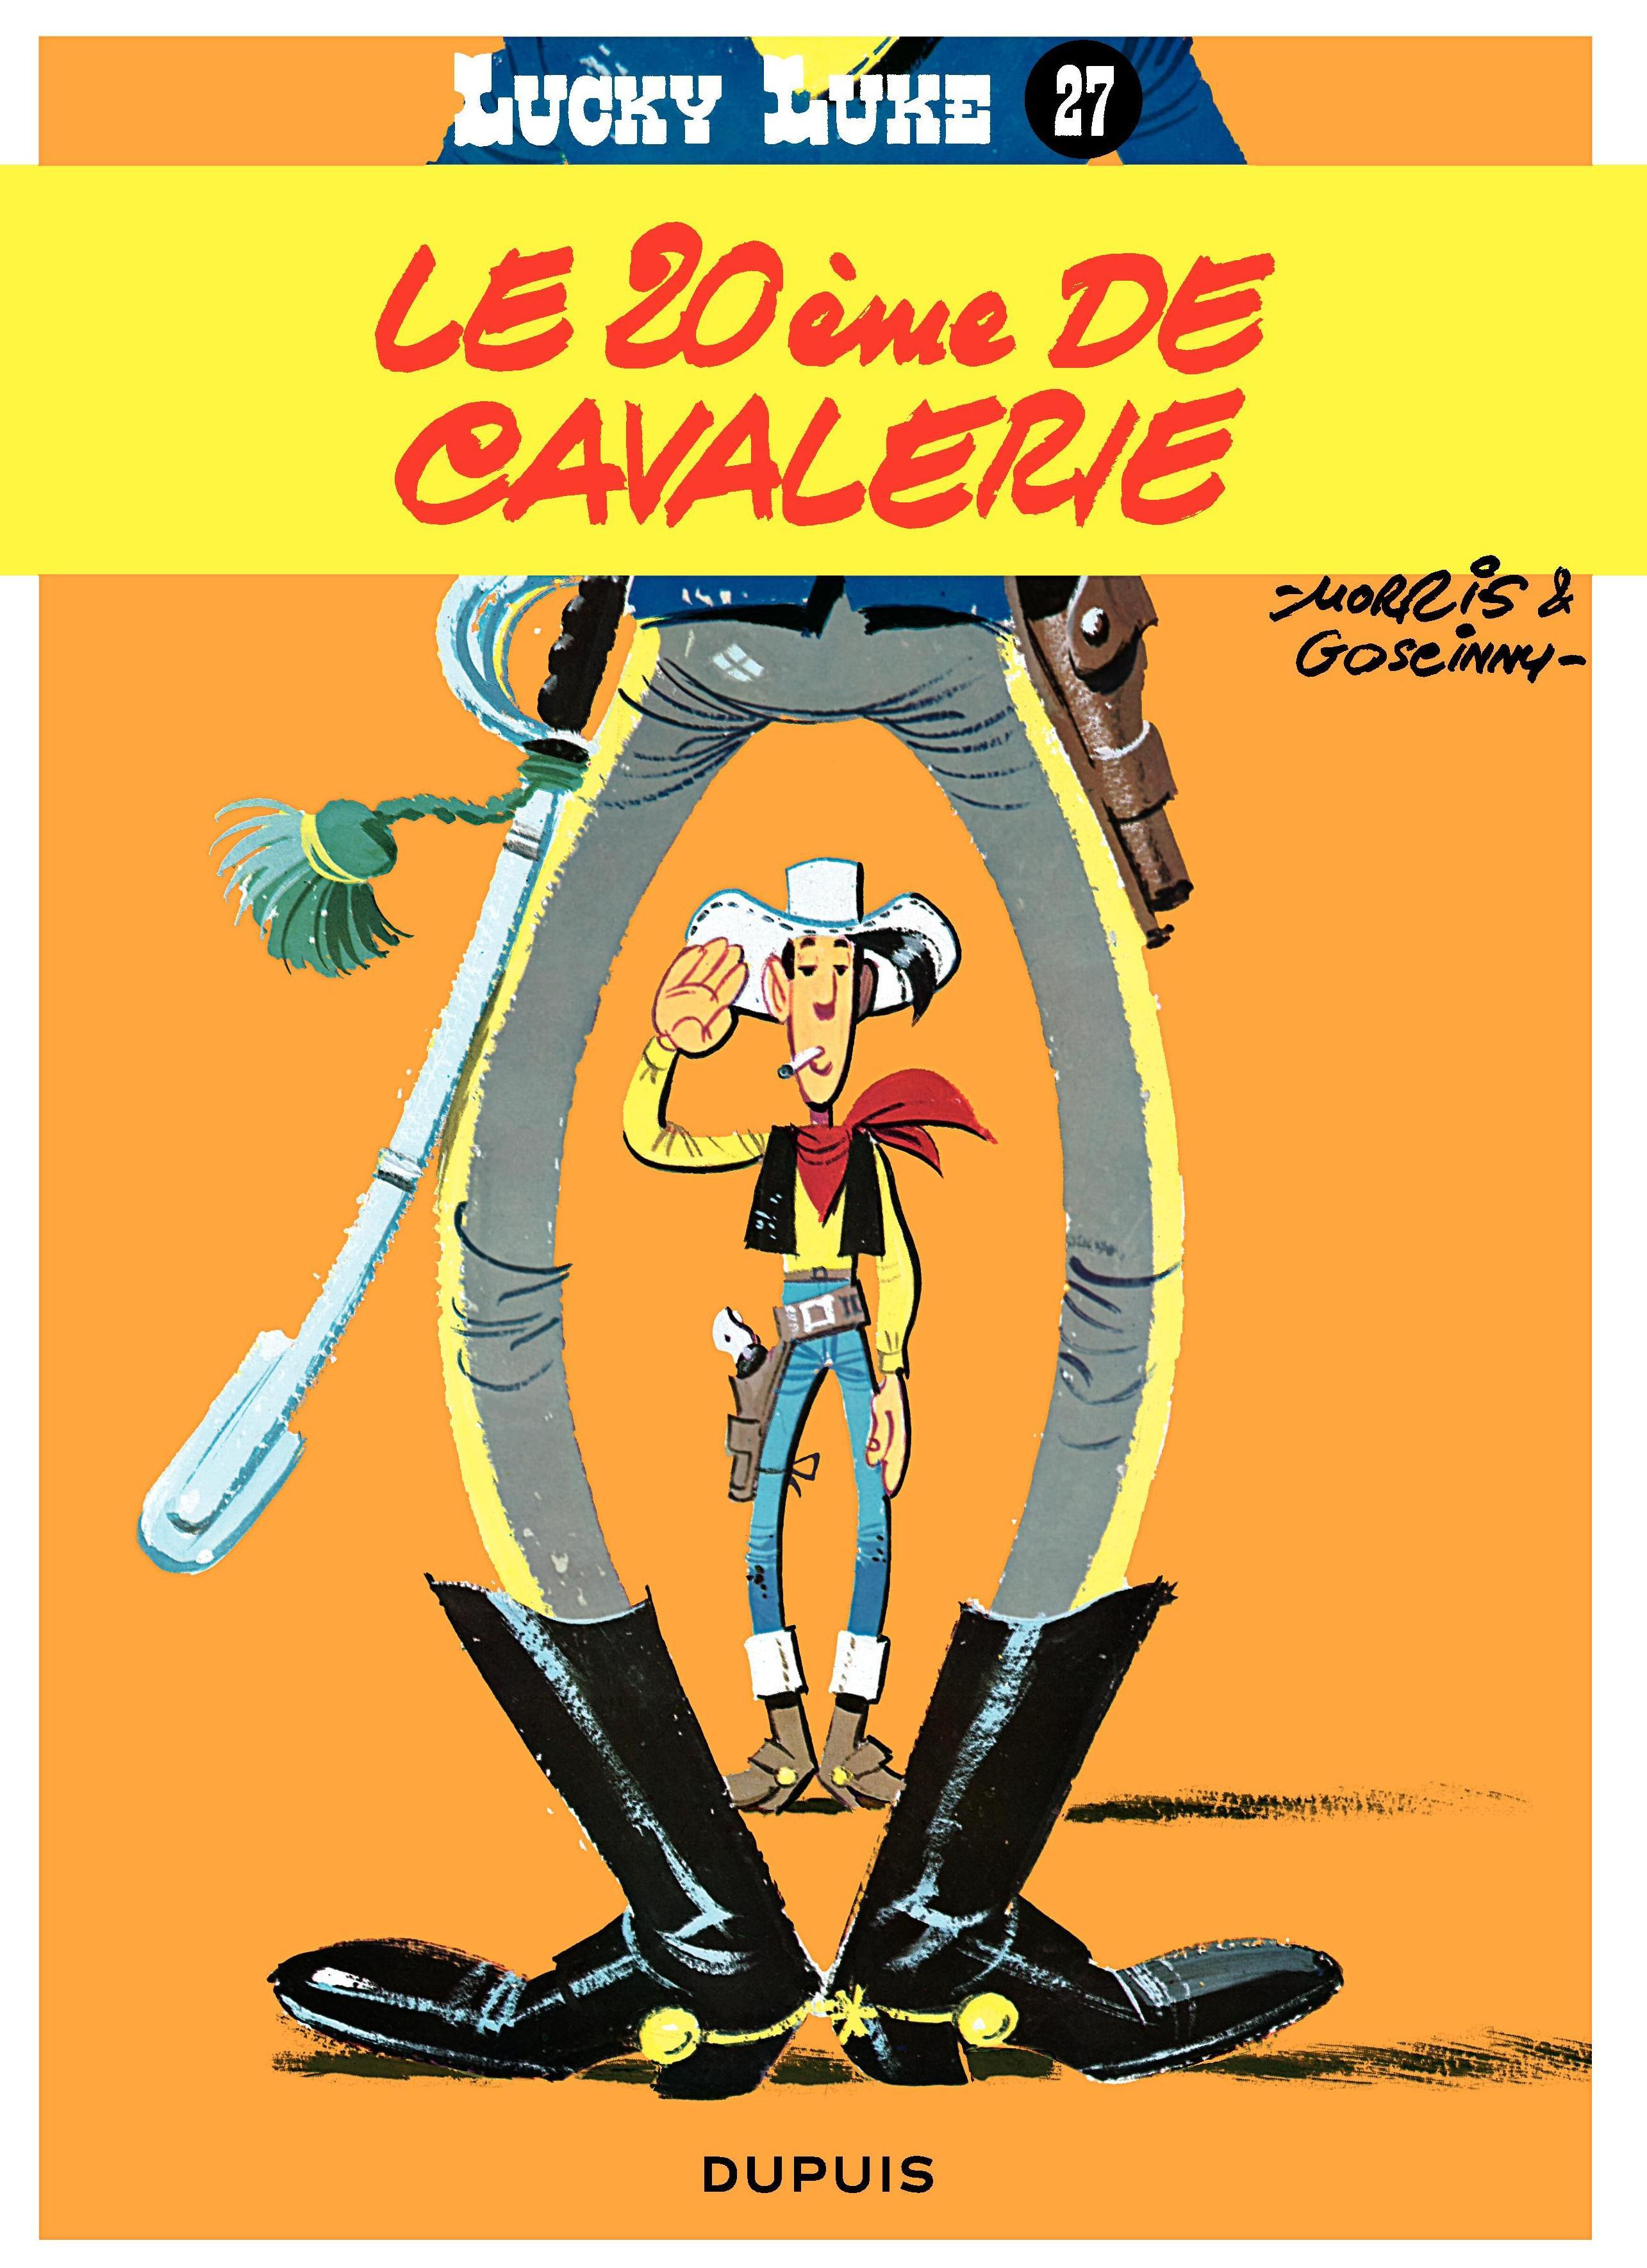 Lucky Luke - Tome 27 - LE 20IEME DE CAVALERIE